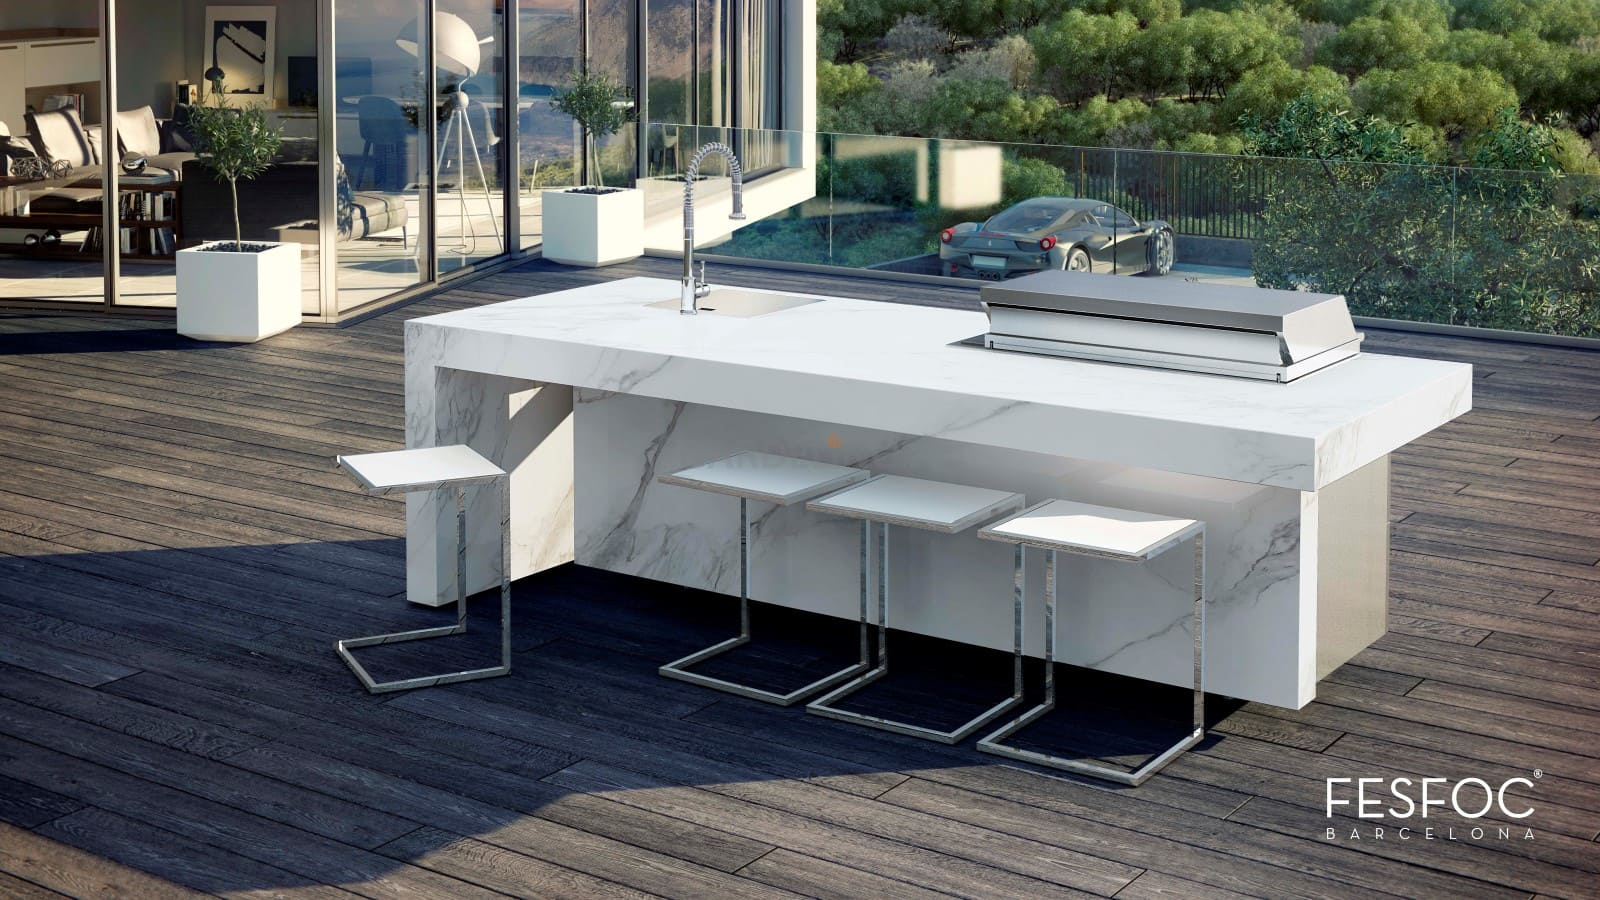 Outdoor Küche Edelstahl Zubehör : Fesfoc outdoor küche aus edelstahl nach ihrem design